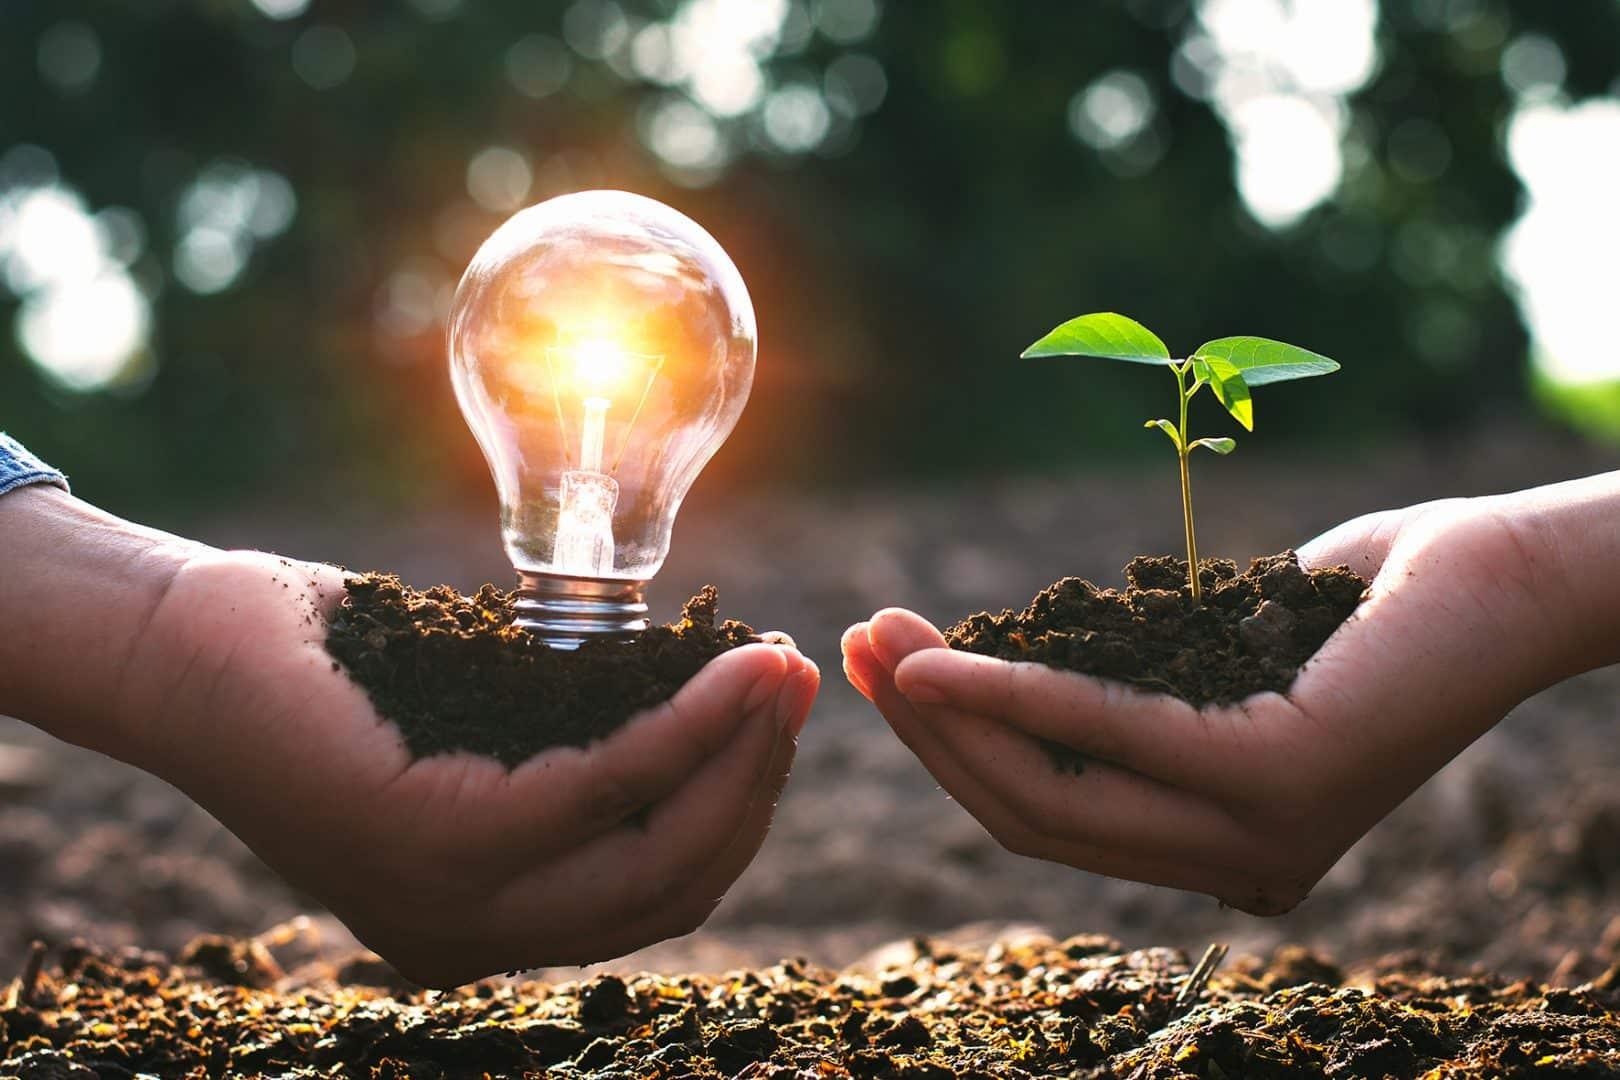 les pays emergents doivent etre soutenus financierement dans leur transition energetique